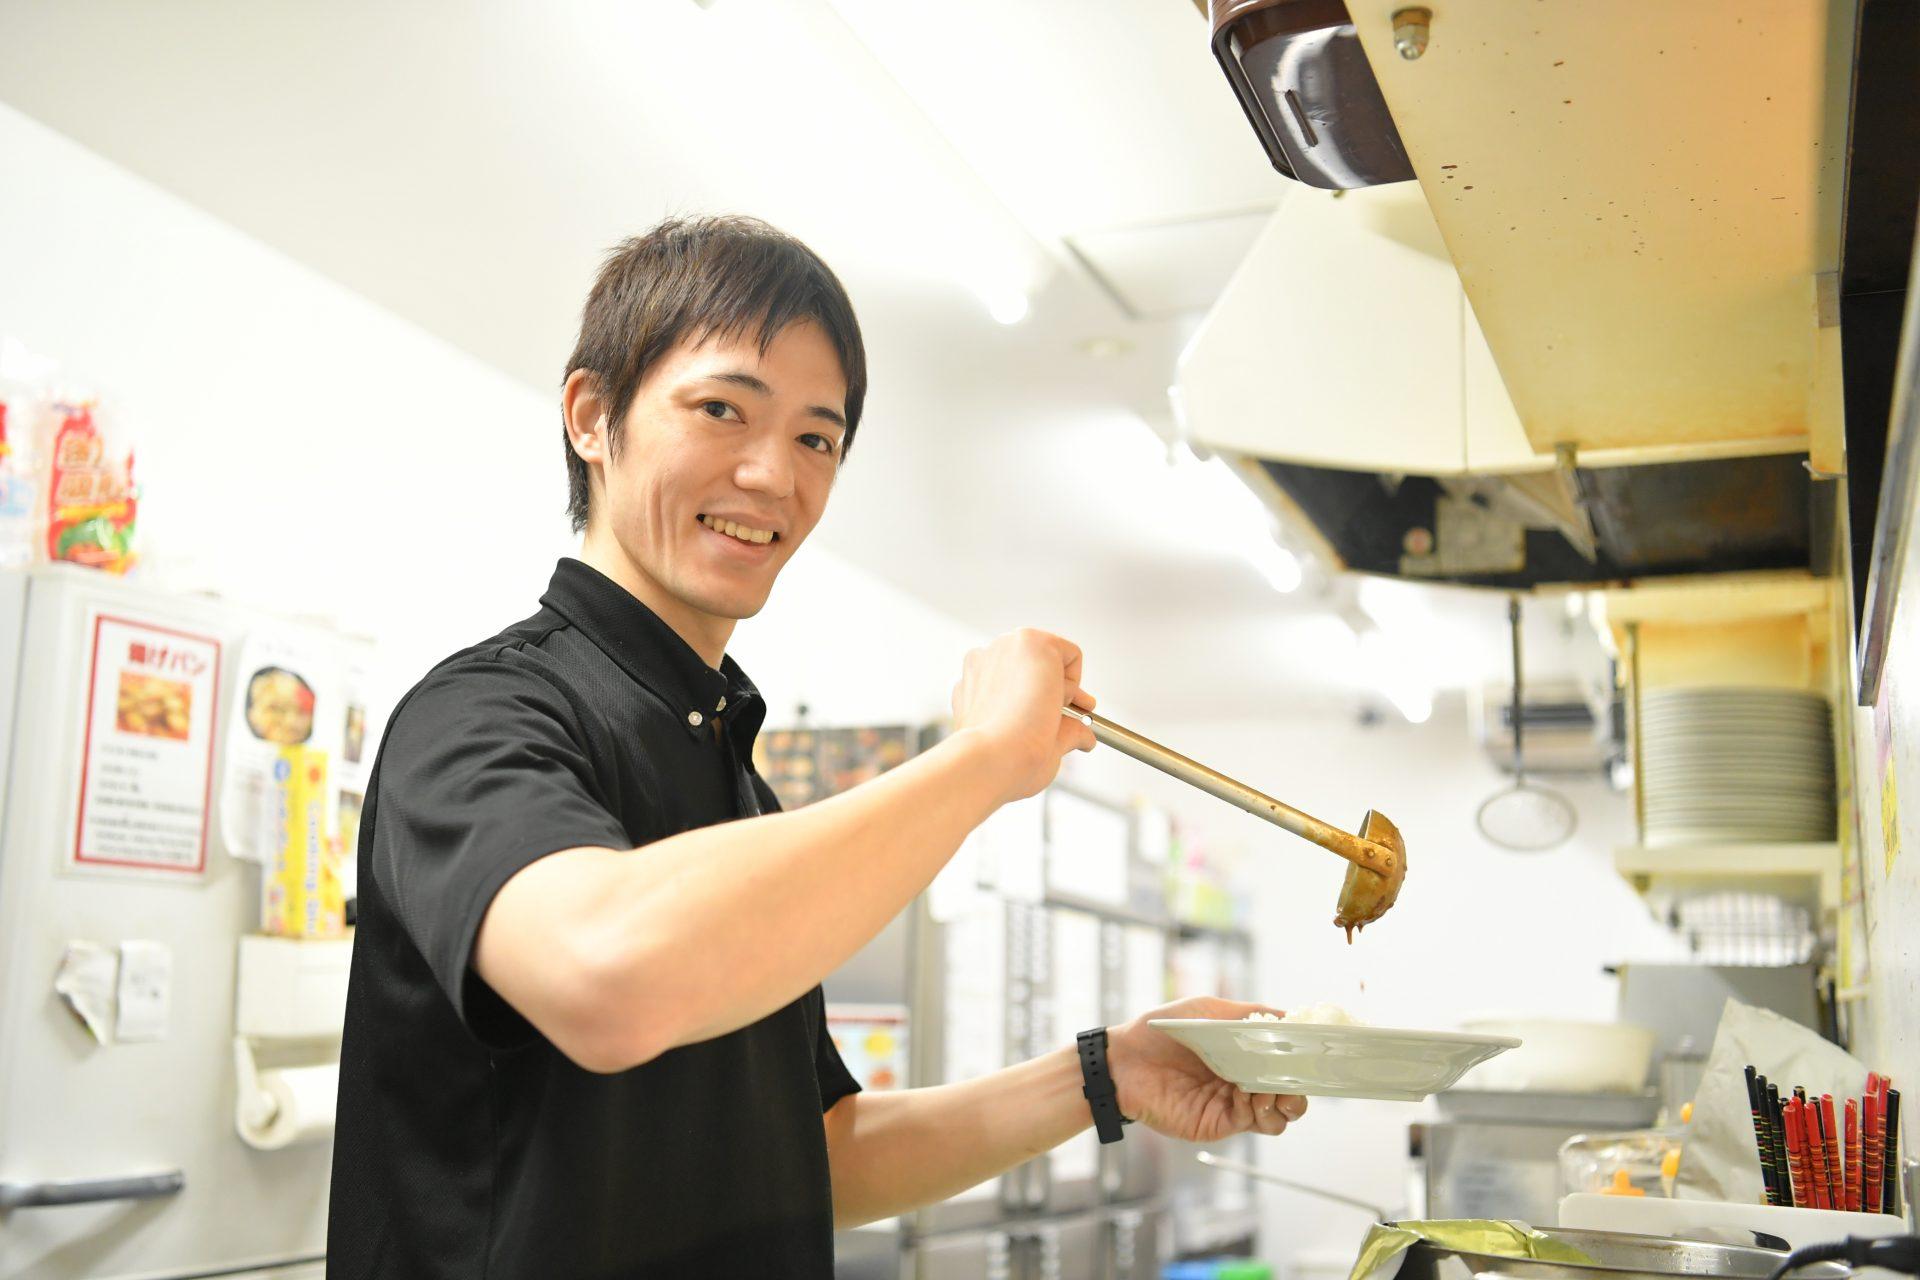 【久留米市】学生活躍中のインターネットカフェスタッフ